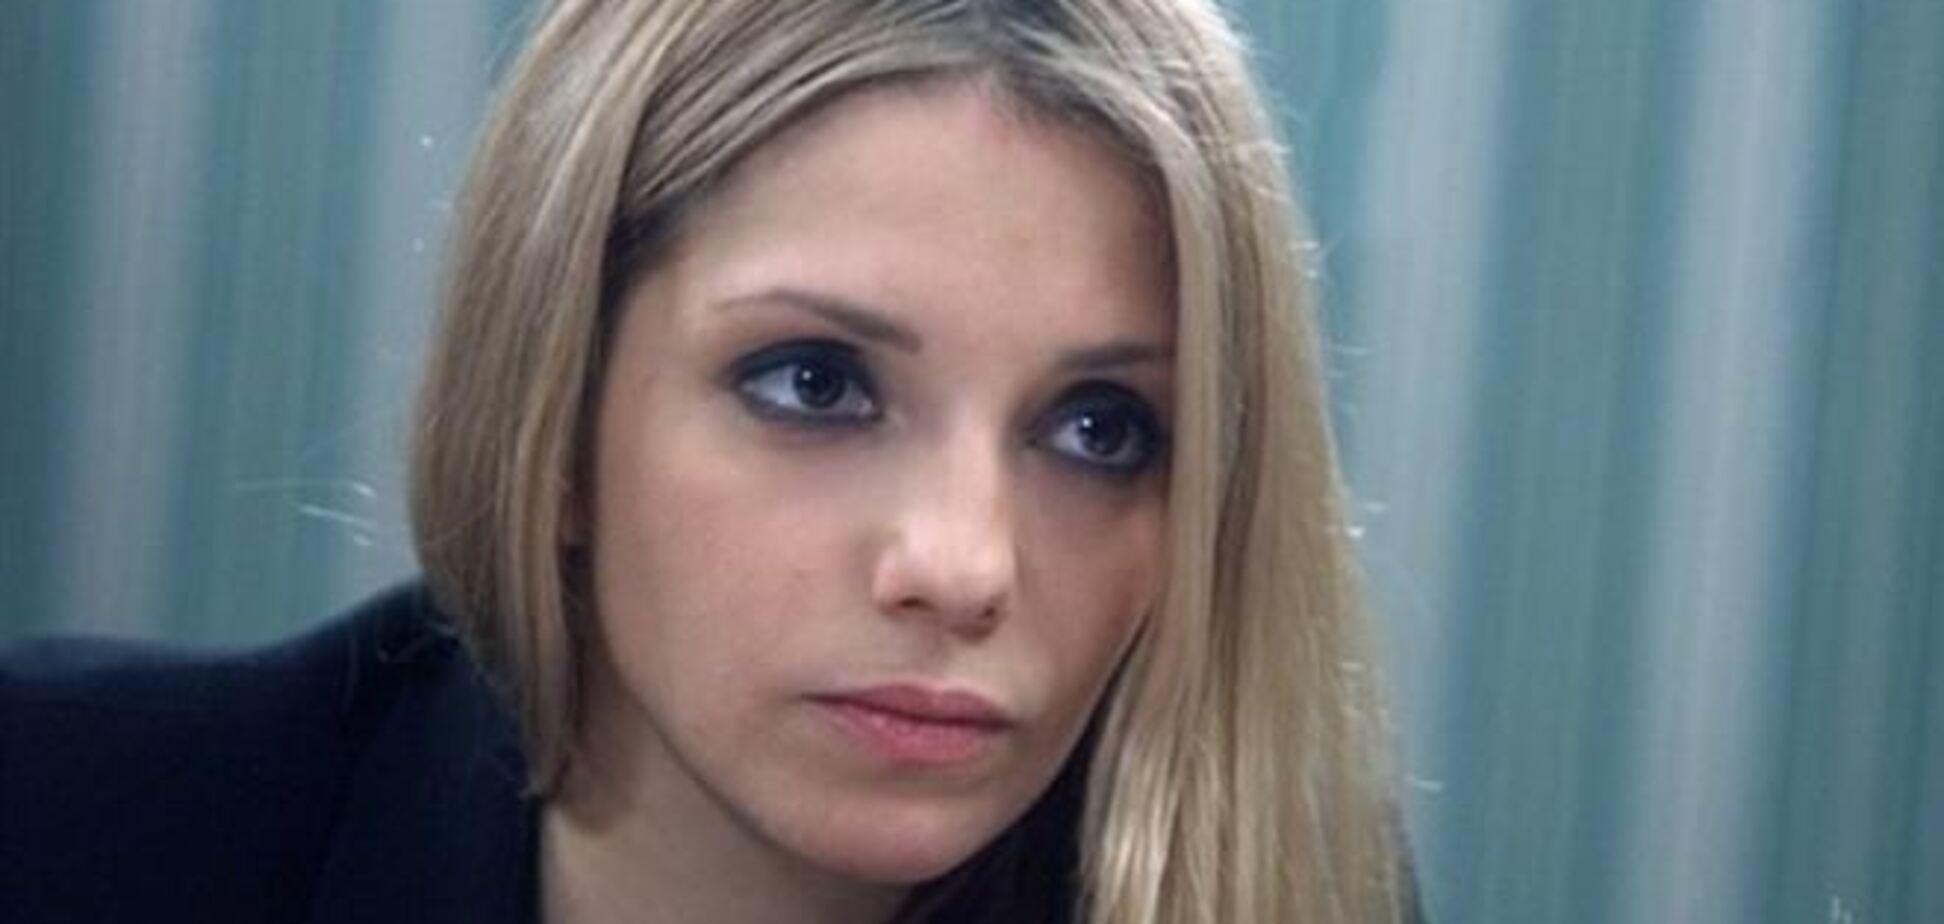 Євгенія Тимошенко: якщо маму не звільнять - вона помре